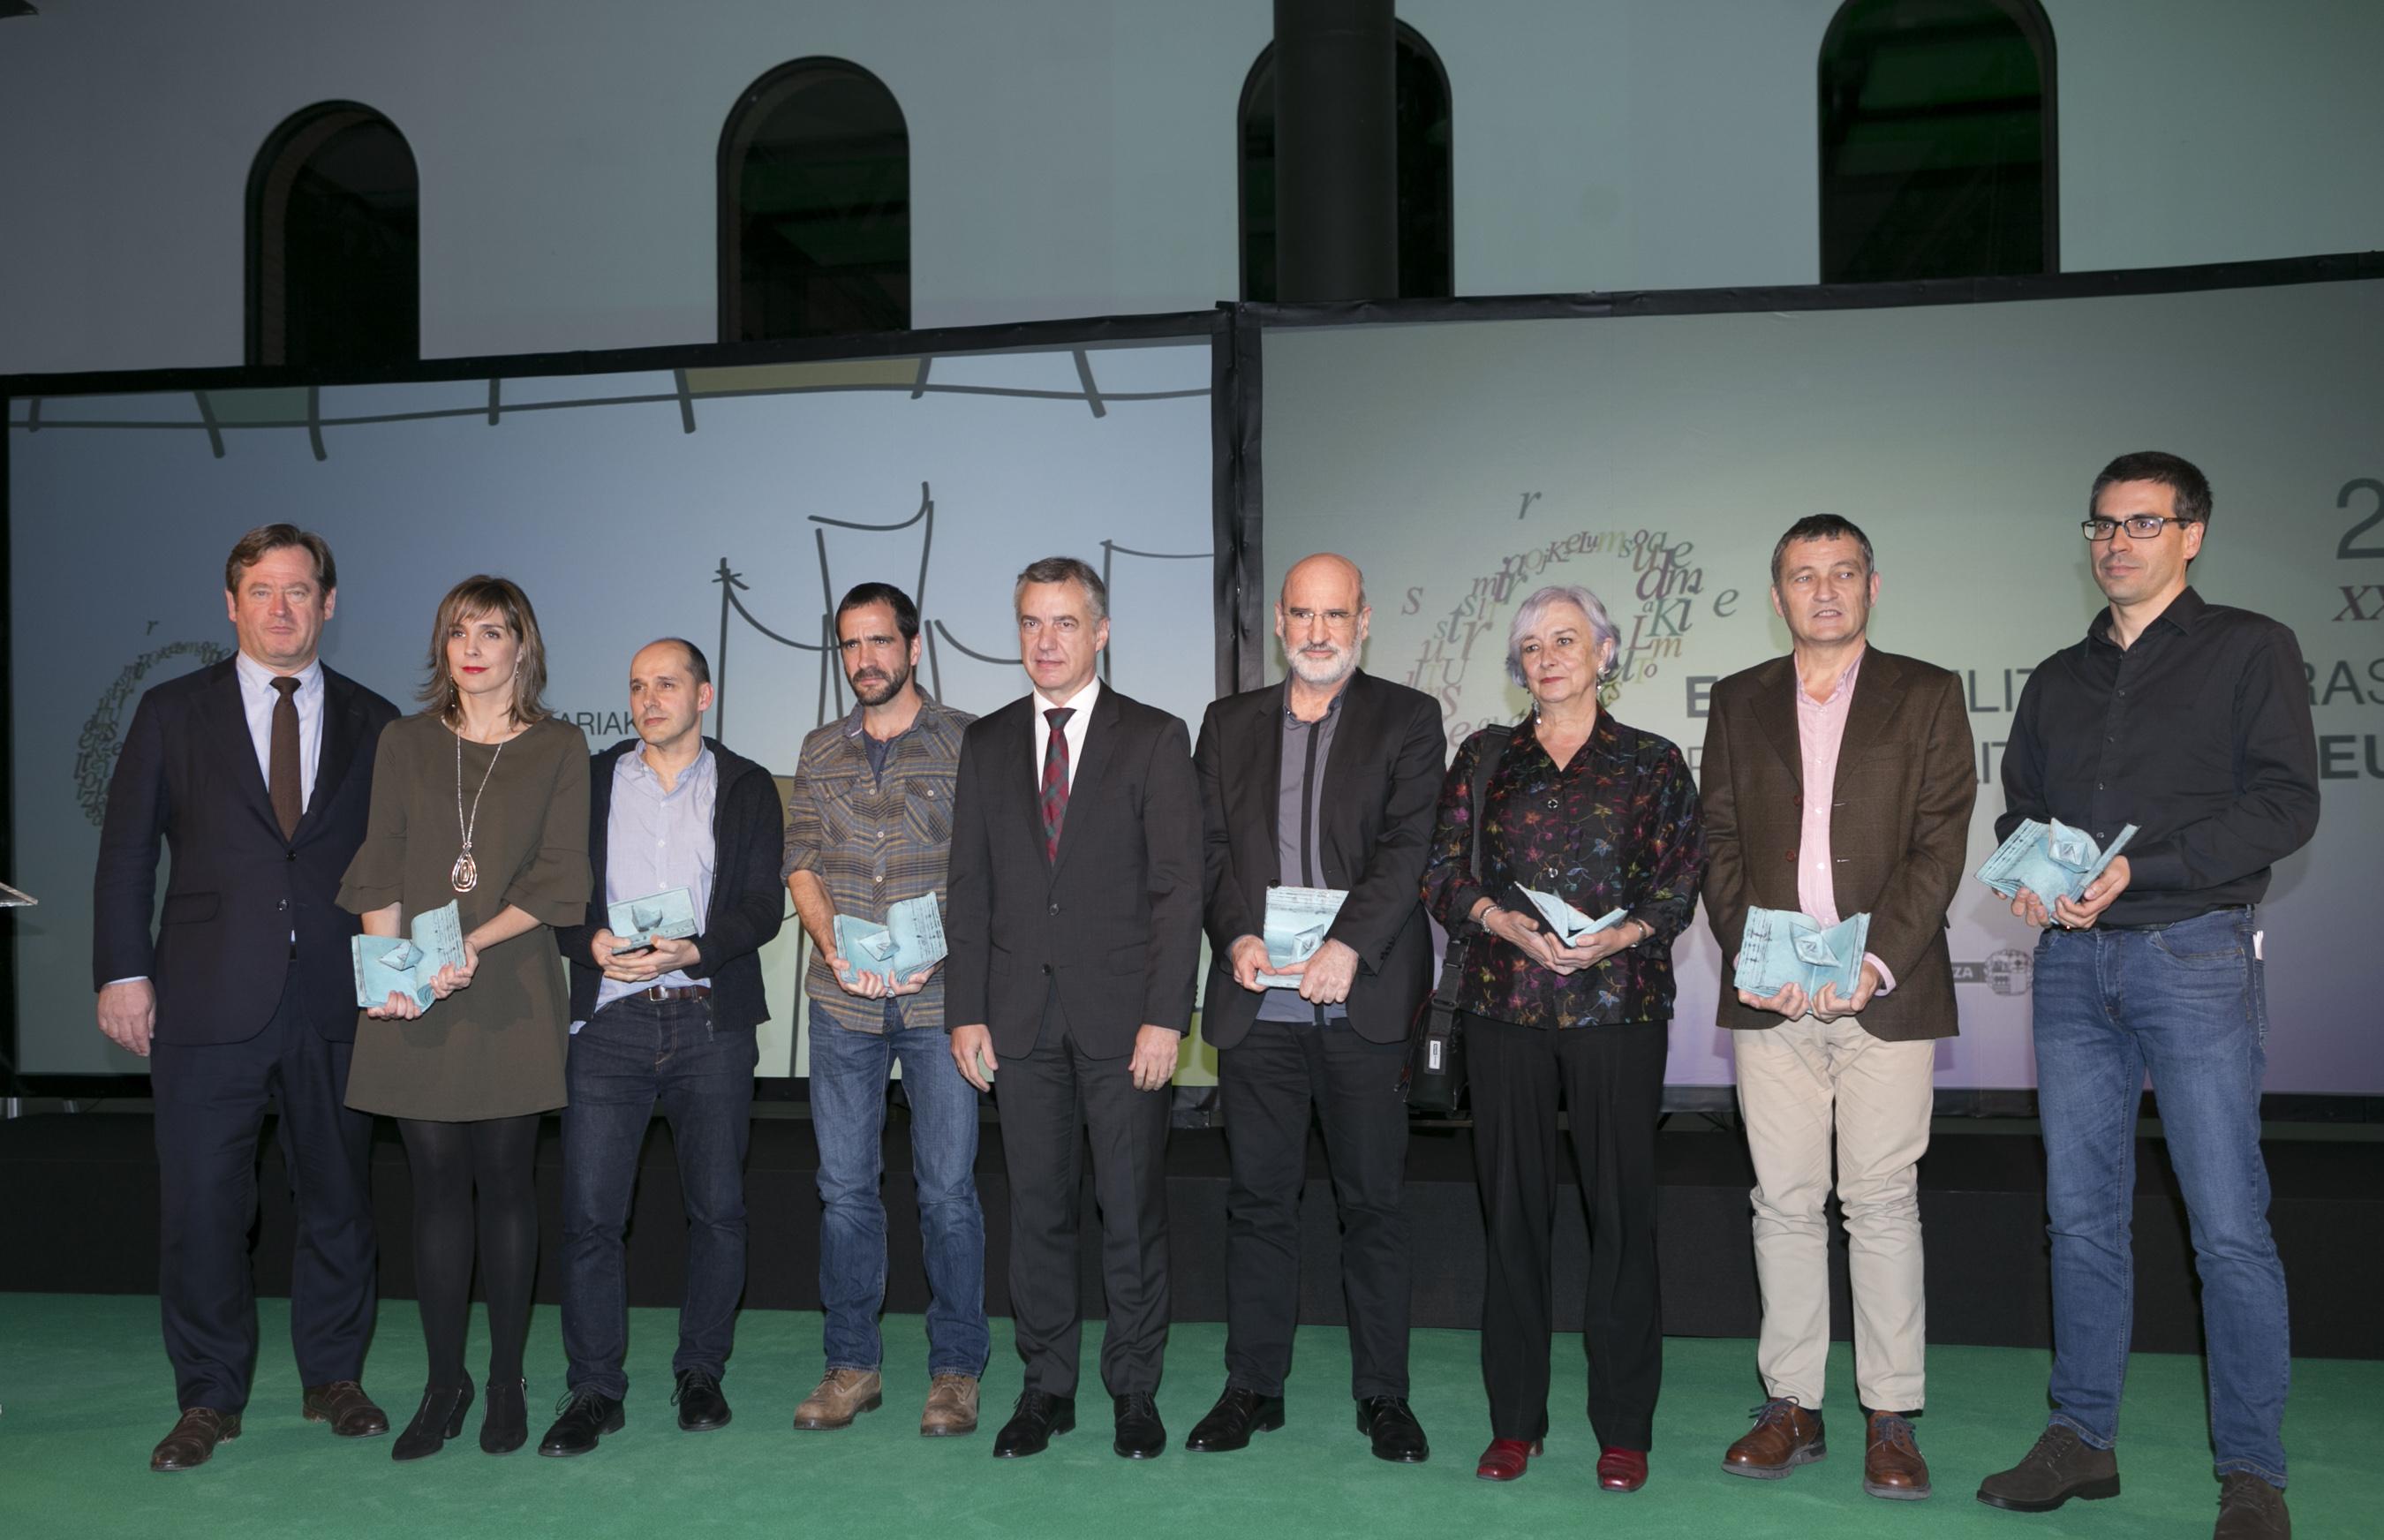 El Lehendakari Iñigo Urkullu ha presidido la gala de entrega de los Premios Euskadi de Literatura de este año